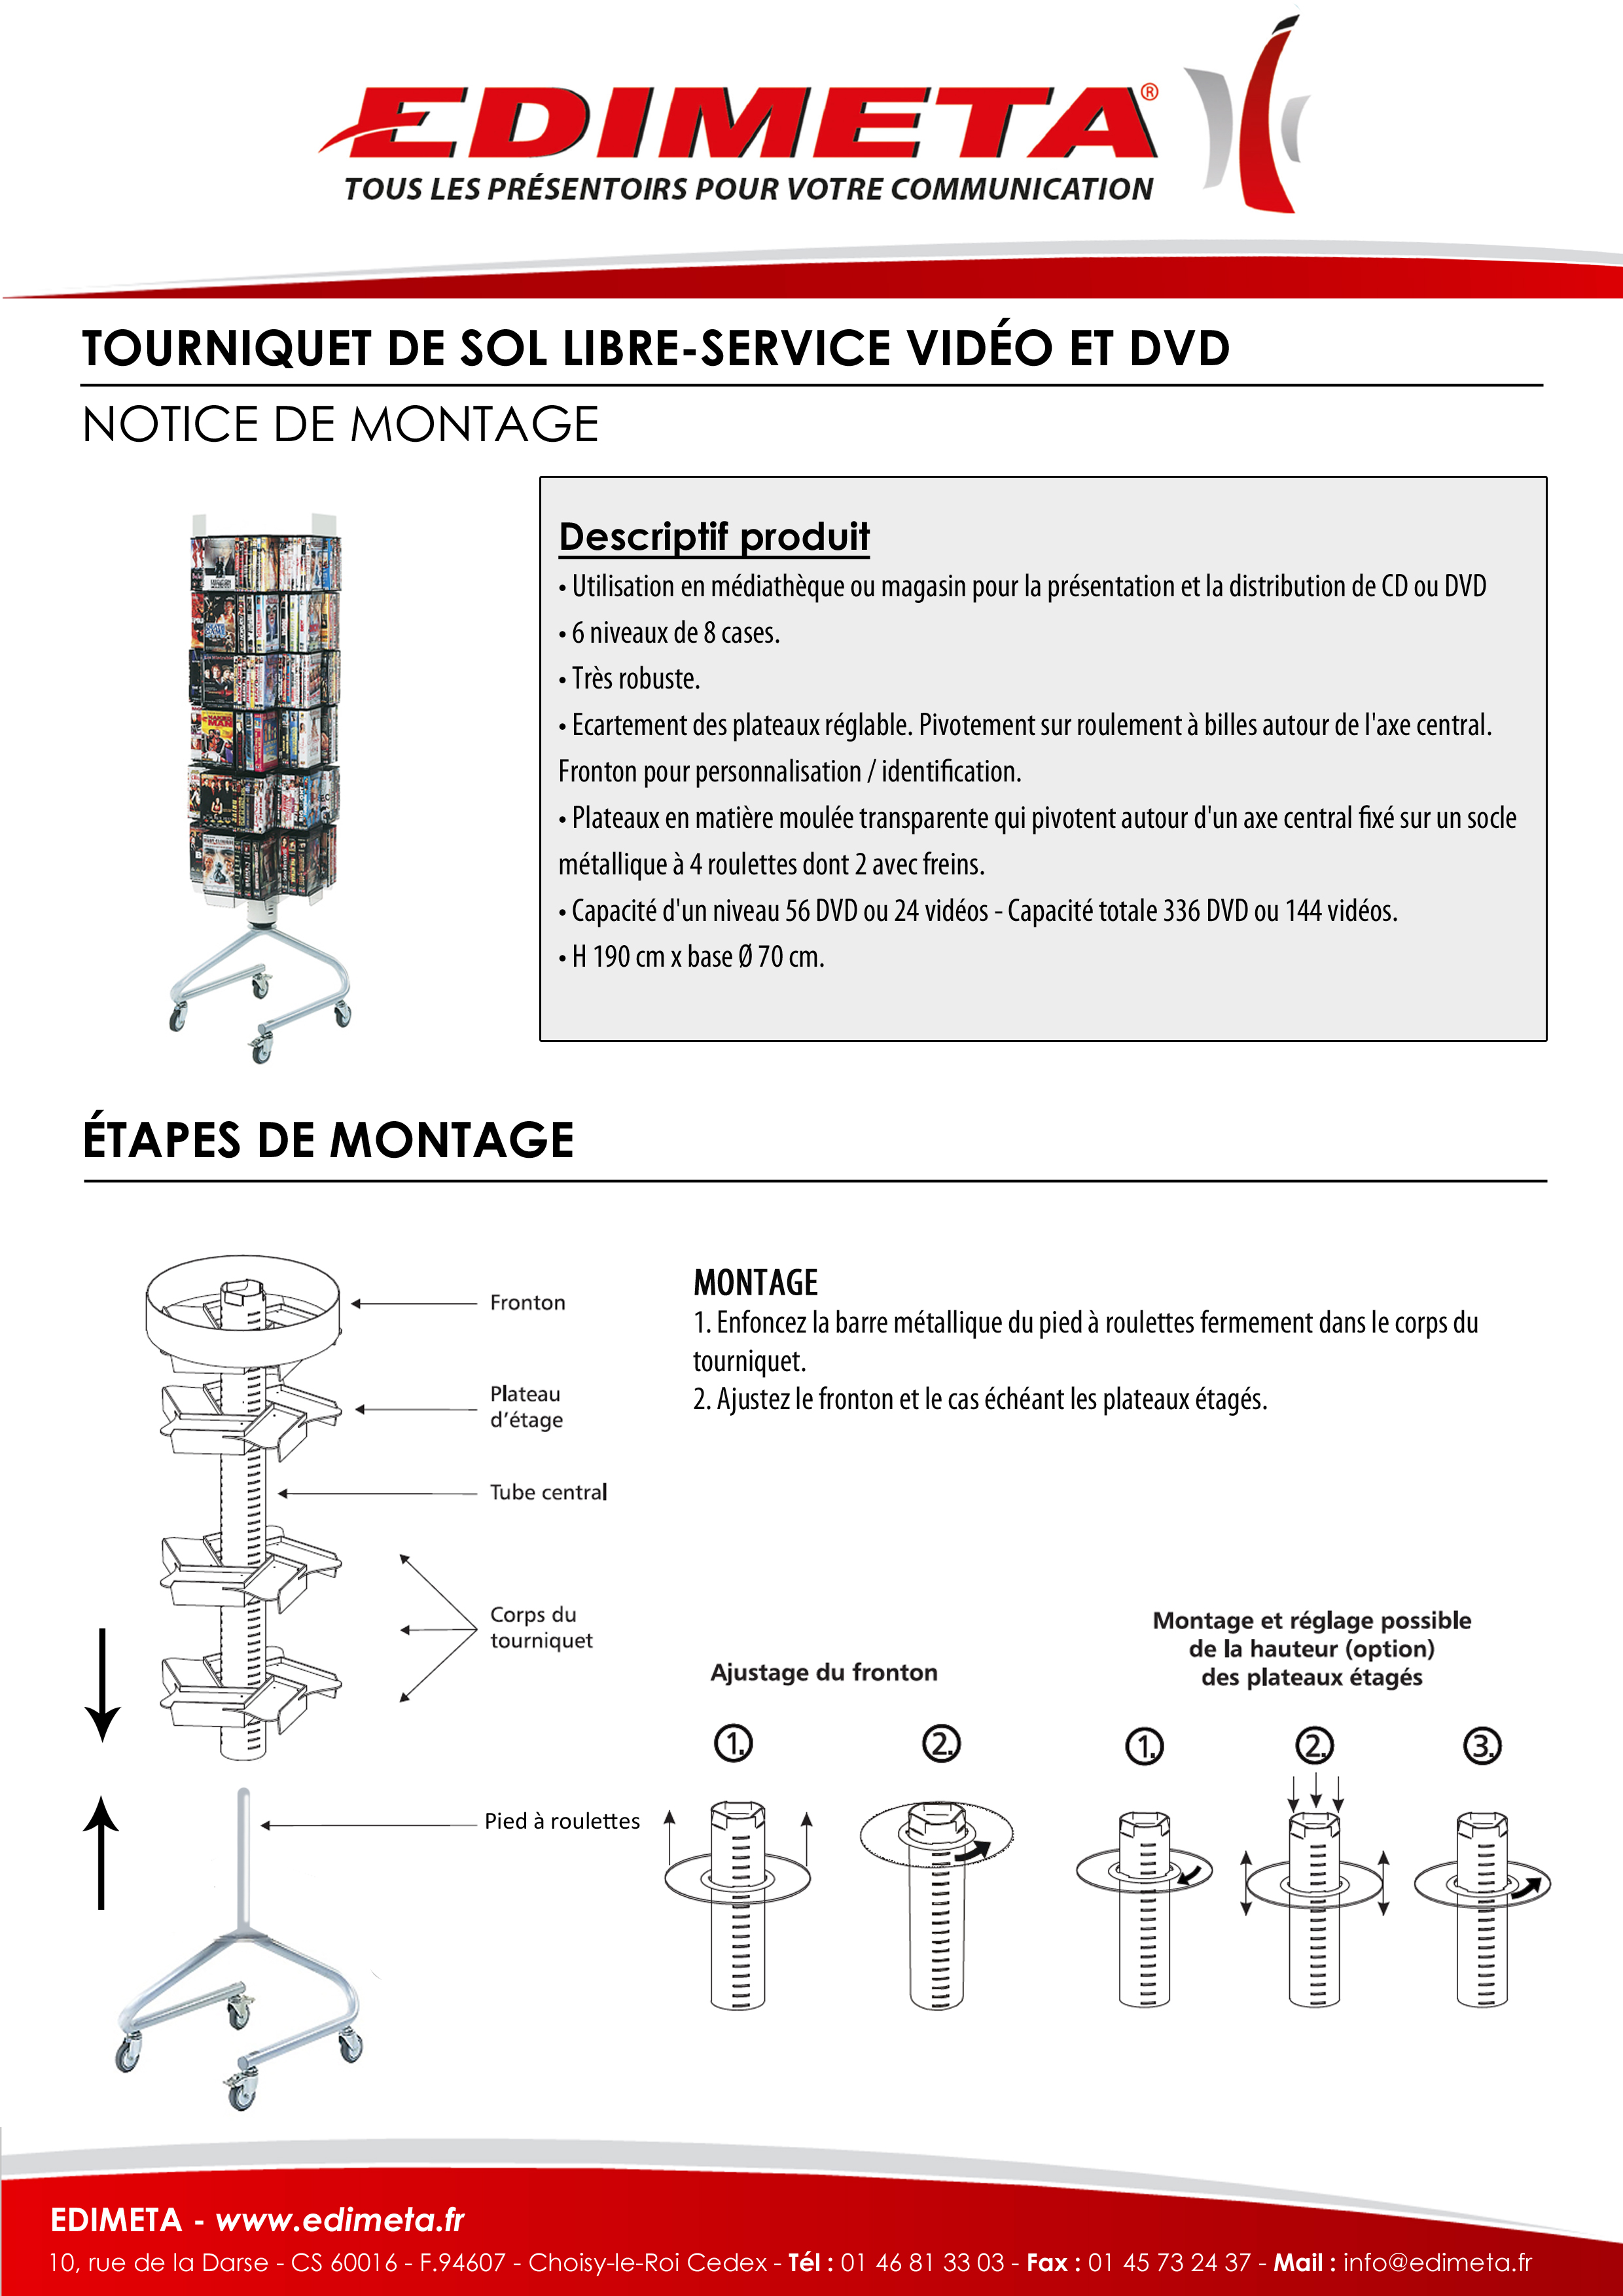 NOTICE DE MONTAGE : TOURNIQUET DE SOL LIBRE-SERVICE VIDÉO ET DVD